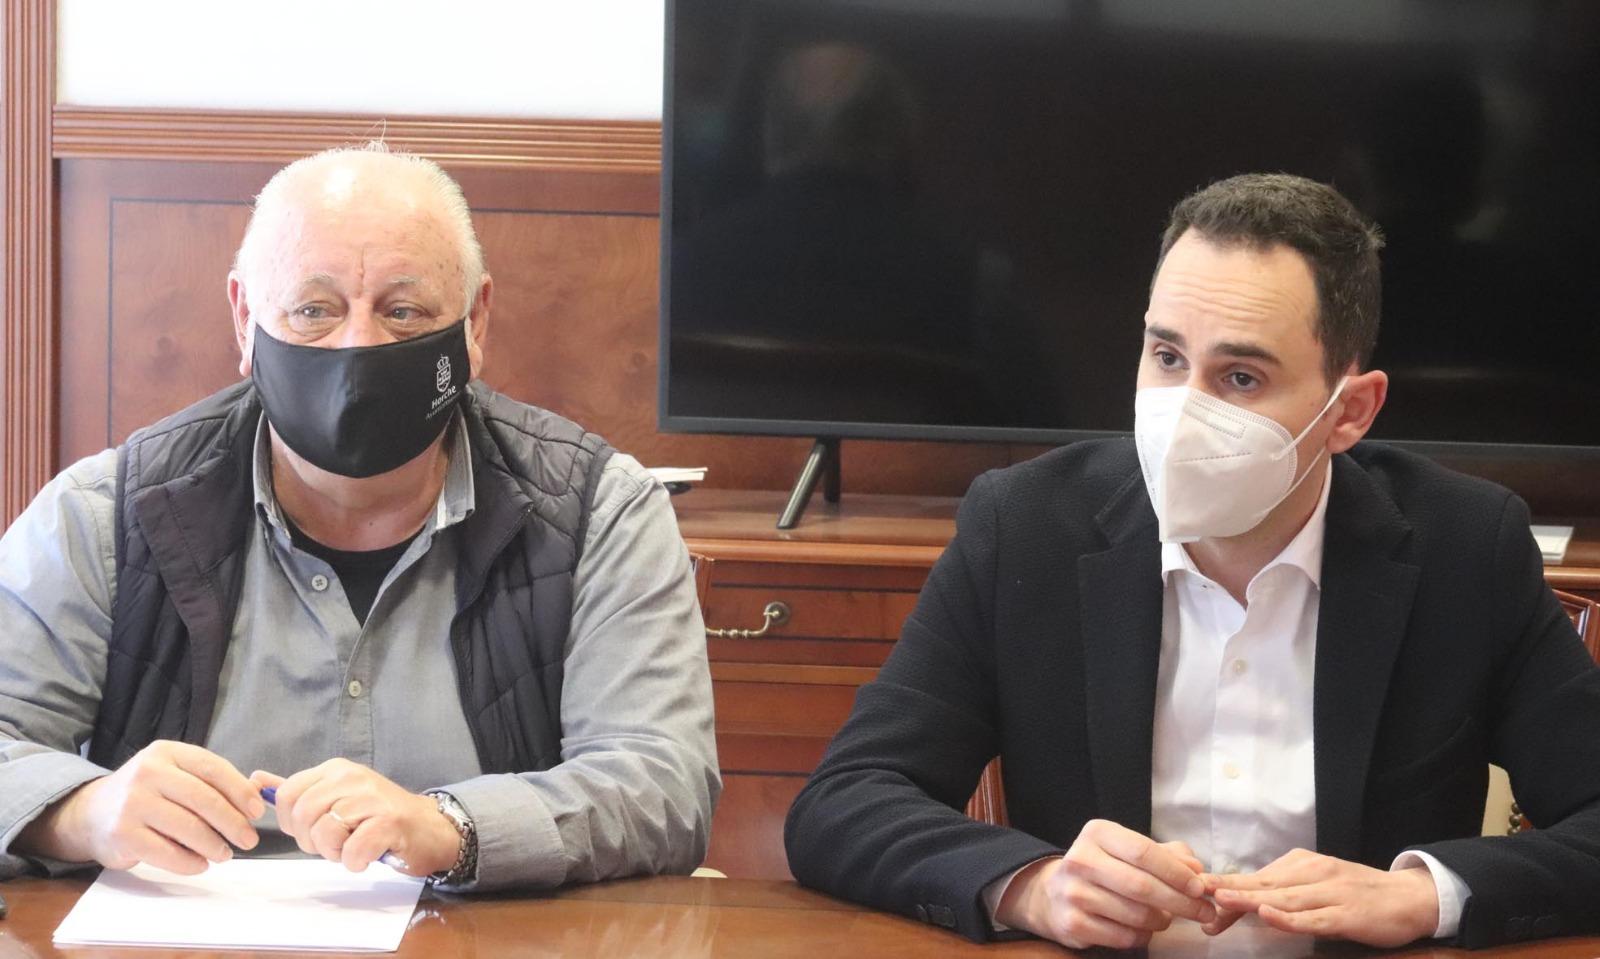 Horche y Cabanillas estudian acciones legales contra las entidades que se desentienden de inmuebles ocupados de su propiedad